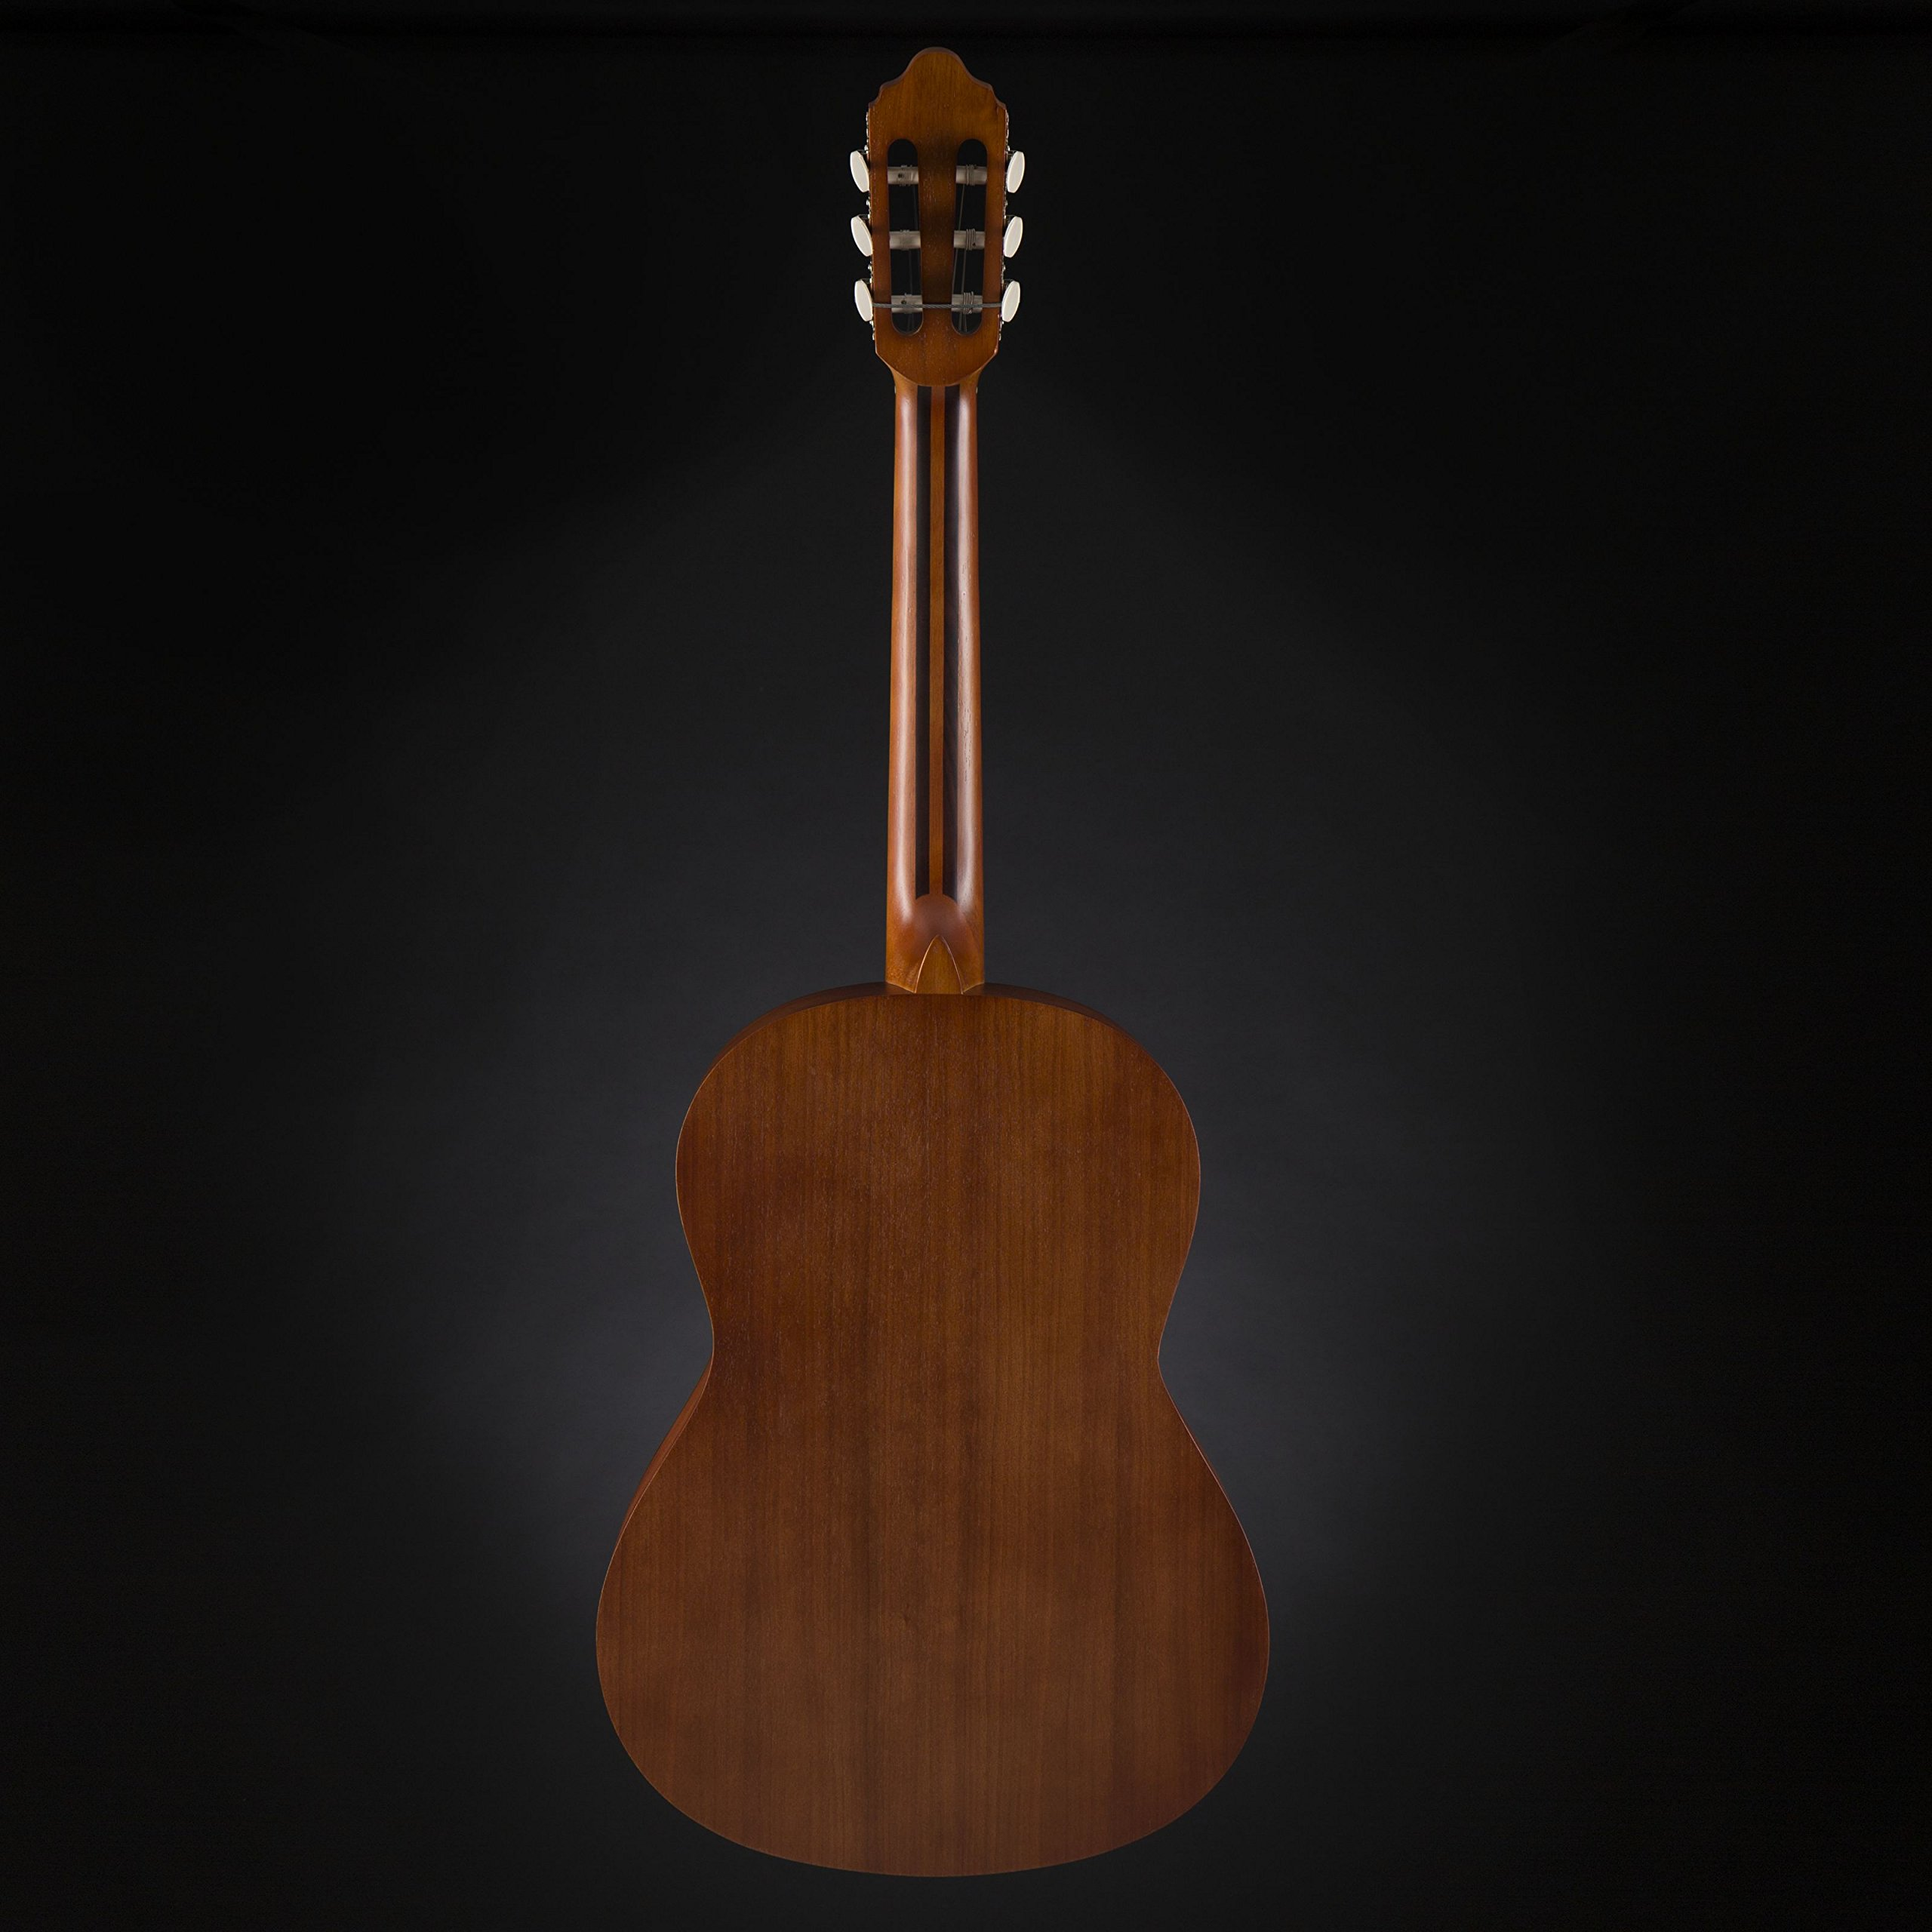 Guitarra VC204 4/4 natural vintage: Amazon.es: Instrumentos musicales